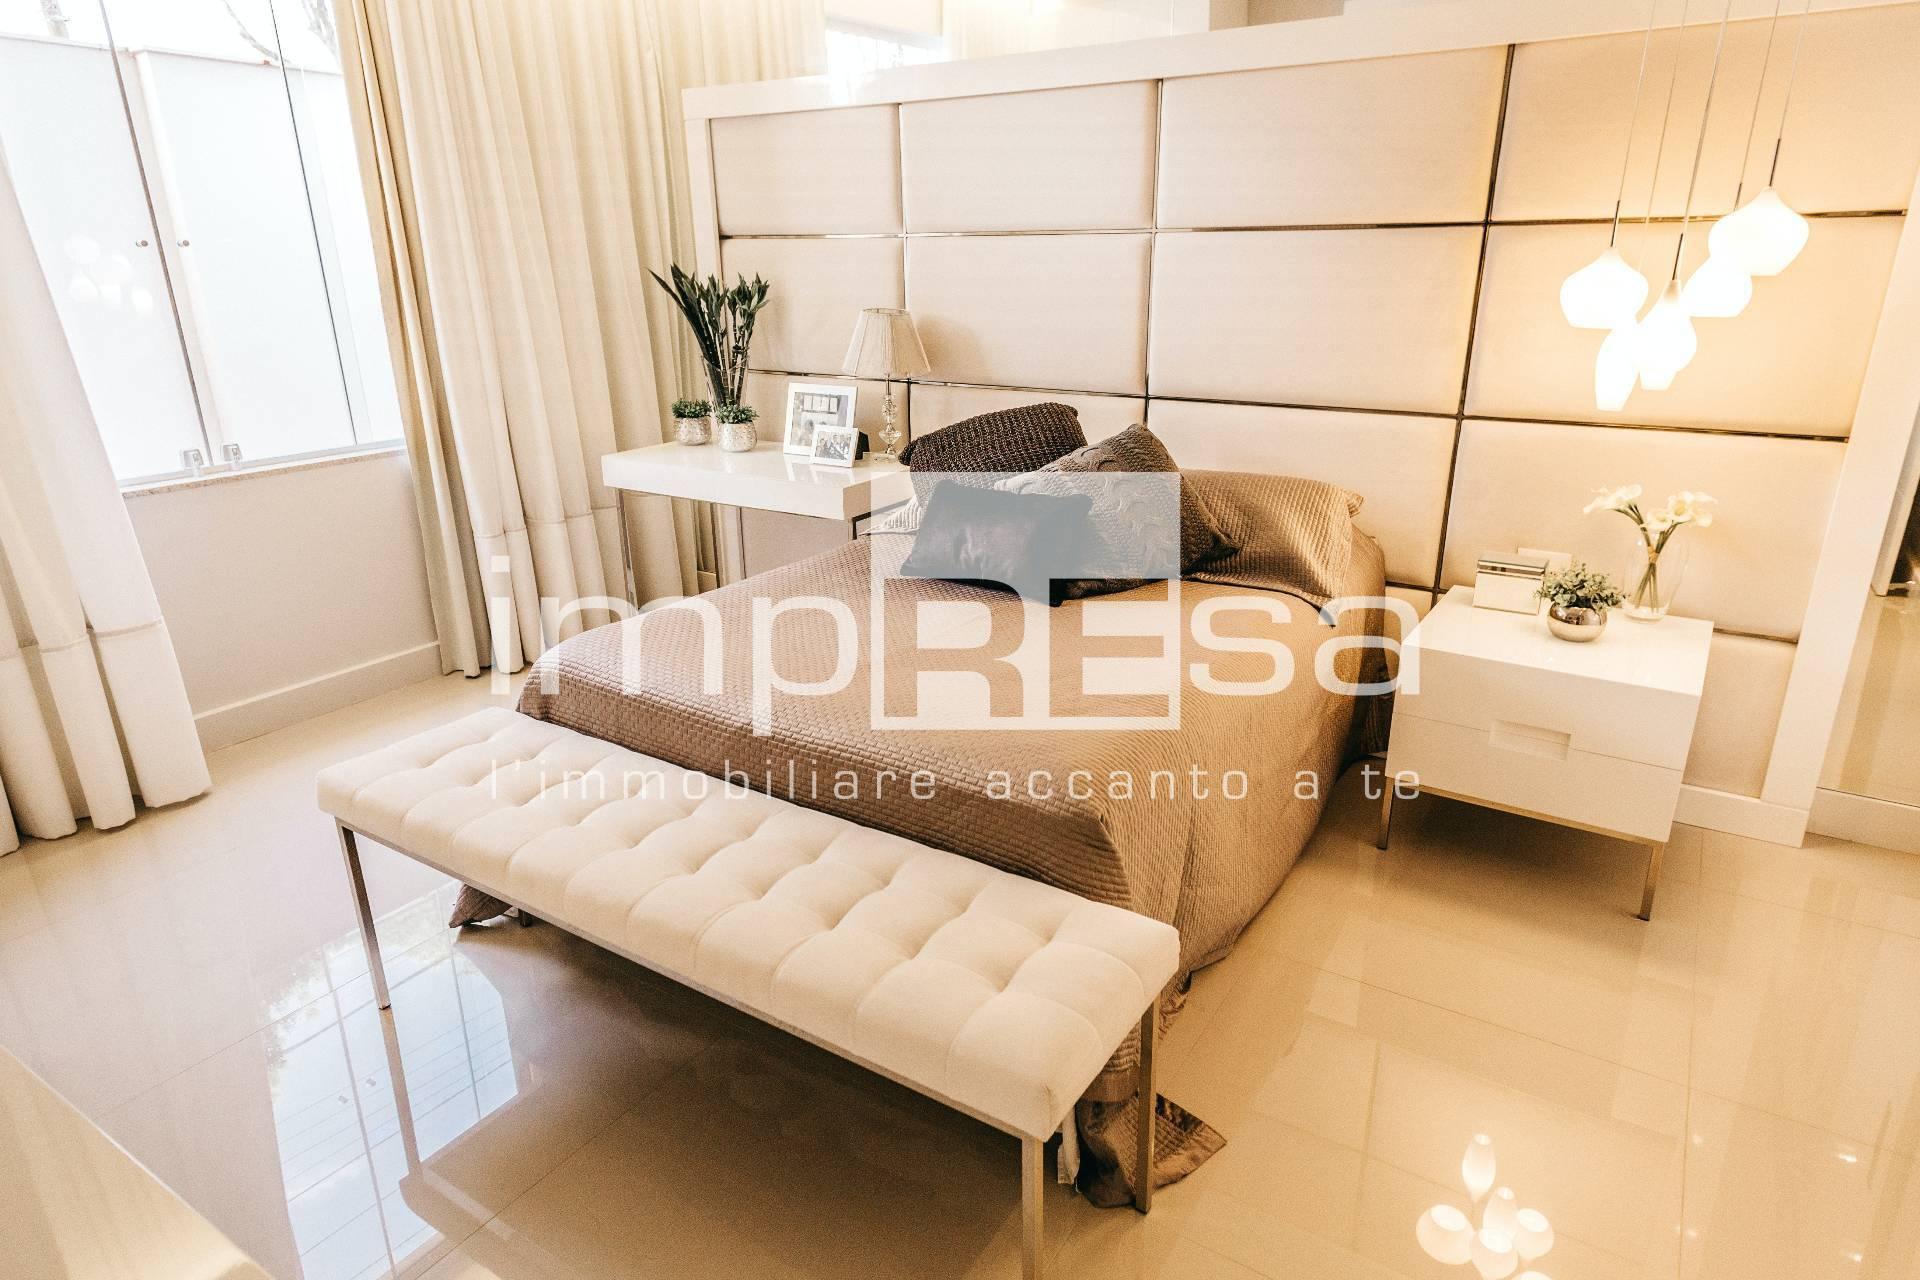 Appartamento in vendita a Paese, 3 locali, zona Zona: Padernello, prezzo € 151.060   CambioCasa.it